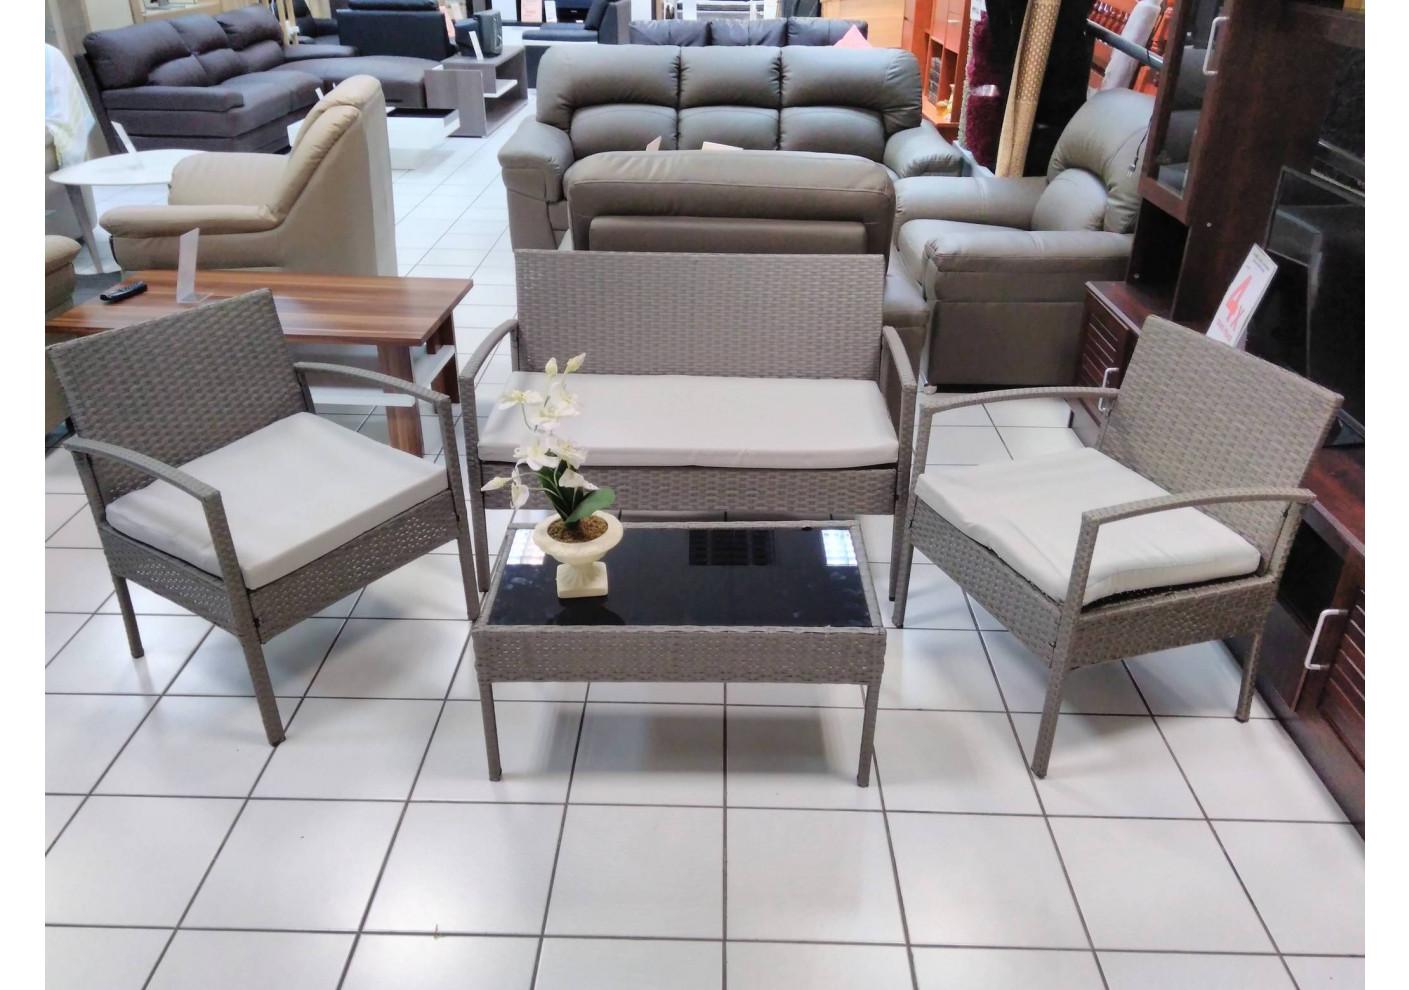 salon 4 pi ces tempo gris fonc 1 canap 3 places 2 fauteuils 1 table basse salon. Black Bedroom Furniture Sets. Home Design Ideas